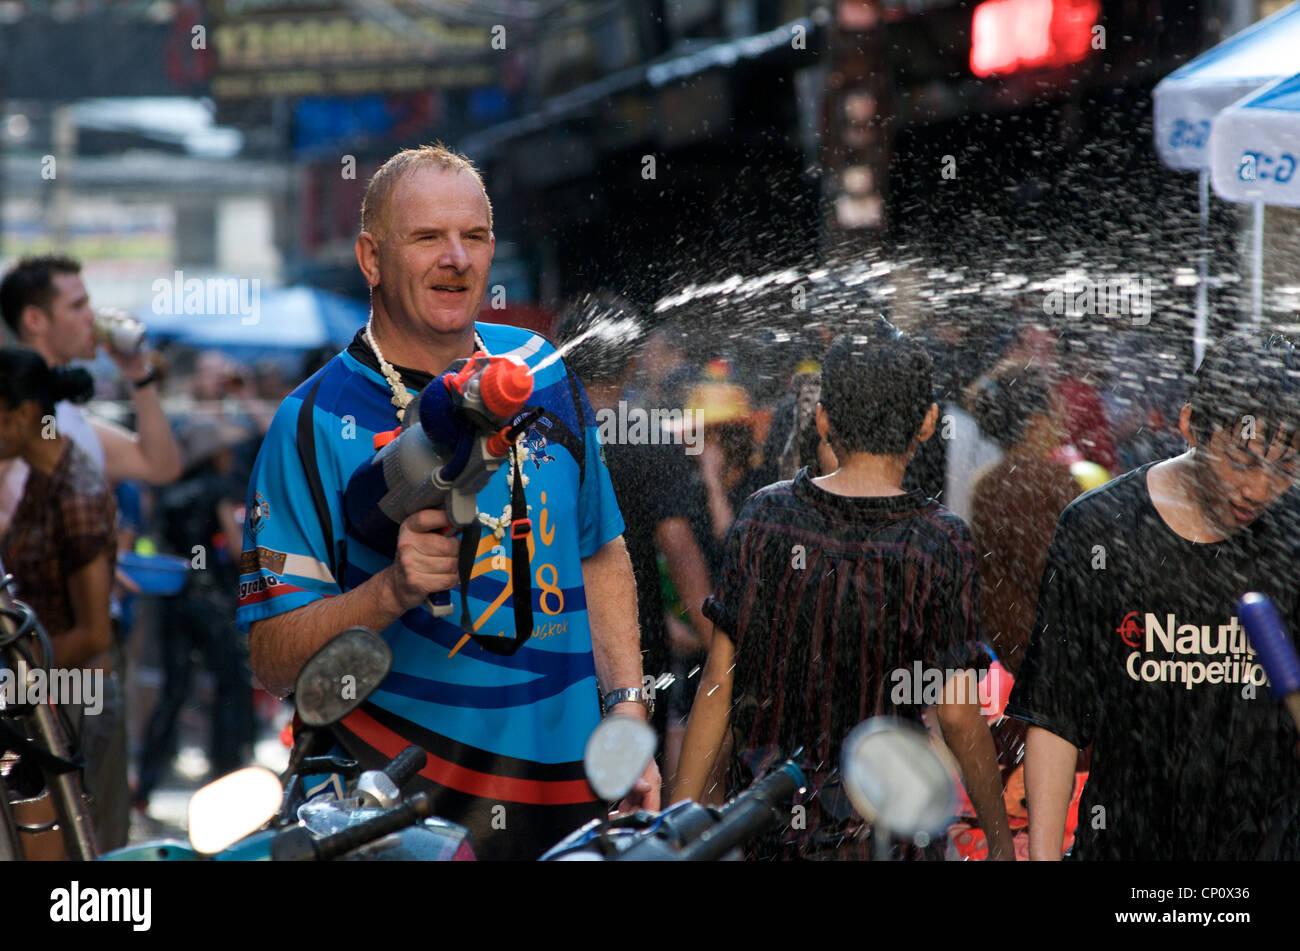 Tourist w/ water gun during Songkran. Bangkok, Thailand on April 15th, 2012. - Stock Image